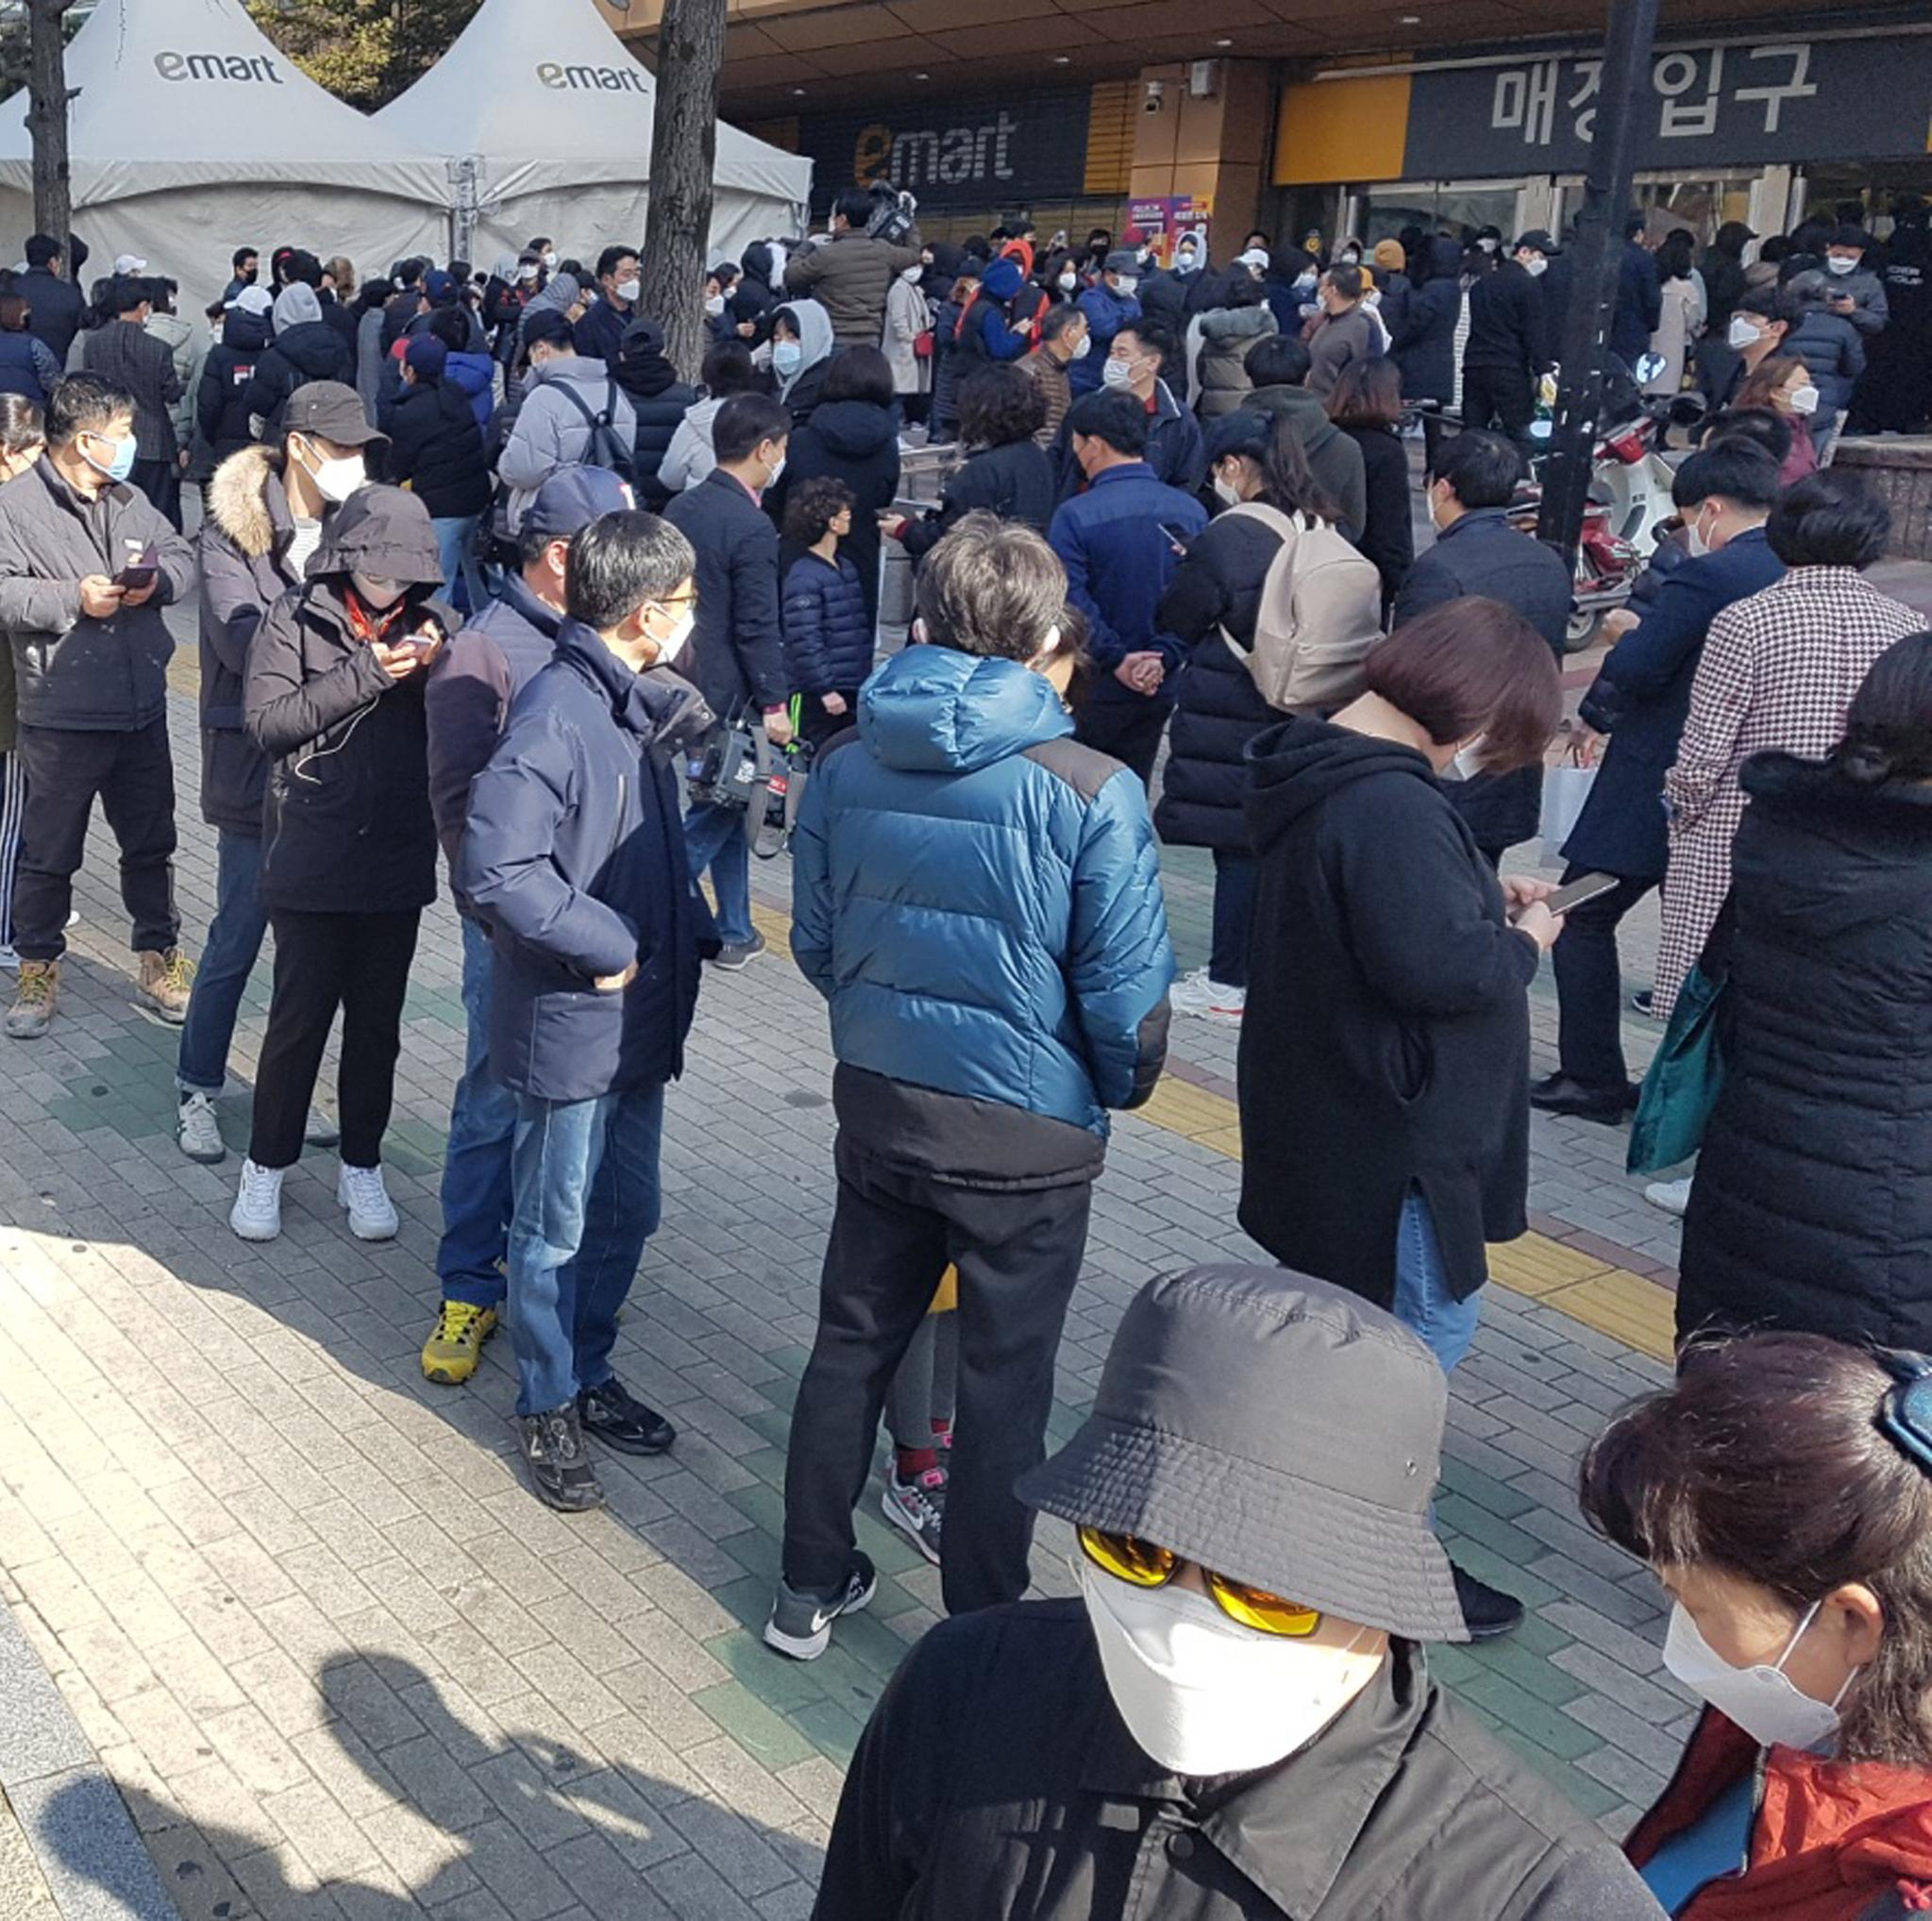 24일 오전 대구 수성구 이마트 만촌점에서 시민들이 마스크를 구입하기 위해 줄지어 서 있다. [연합뉴스]